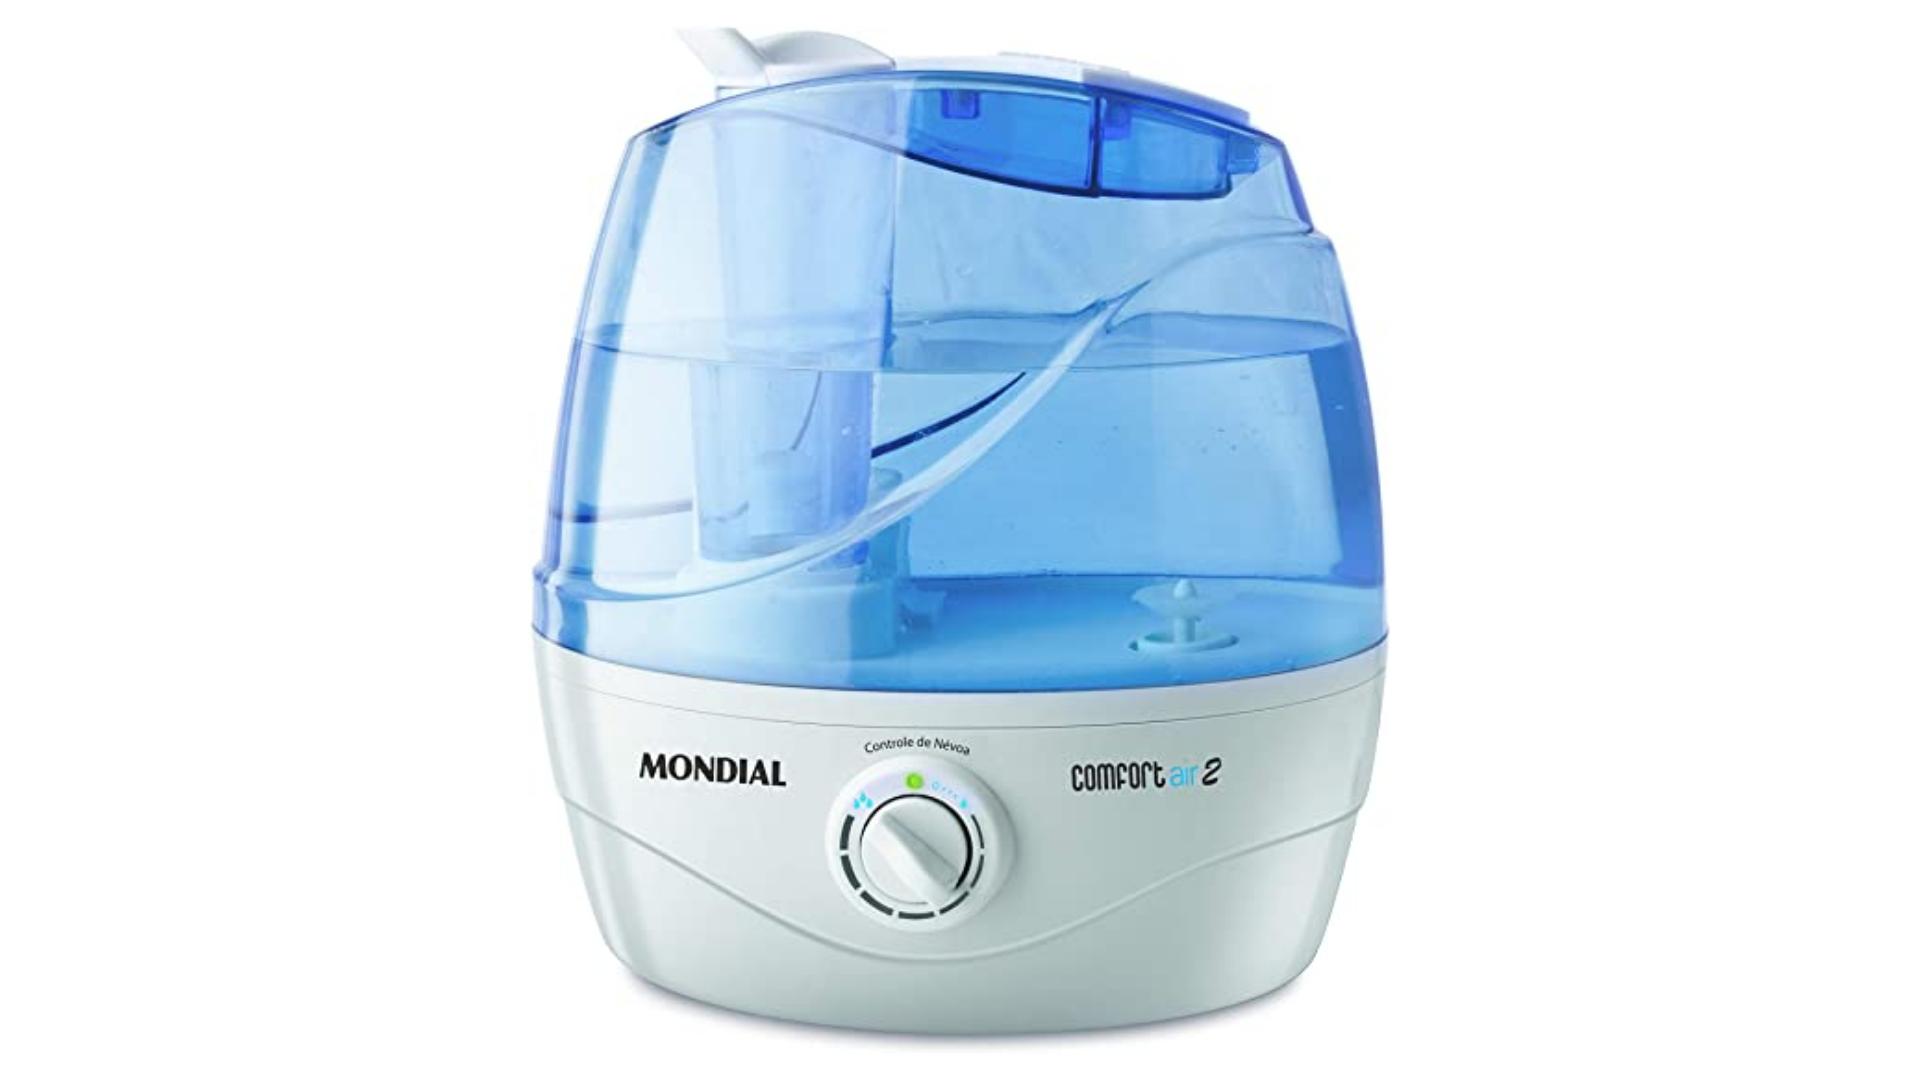 O umidificador de ar da Mondial é o mais barato da nossa lista. (Imagem: Divulgação/Mondial)